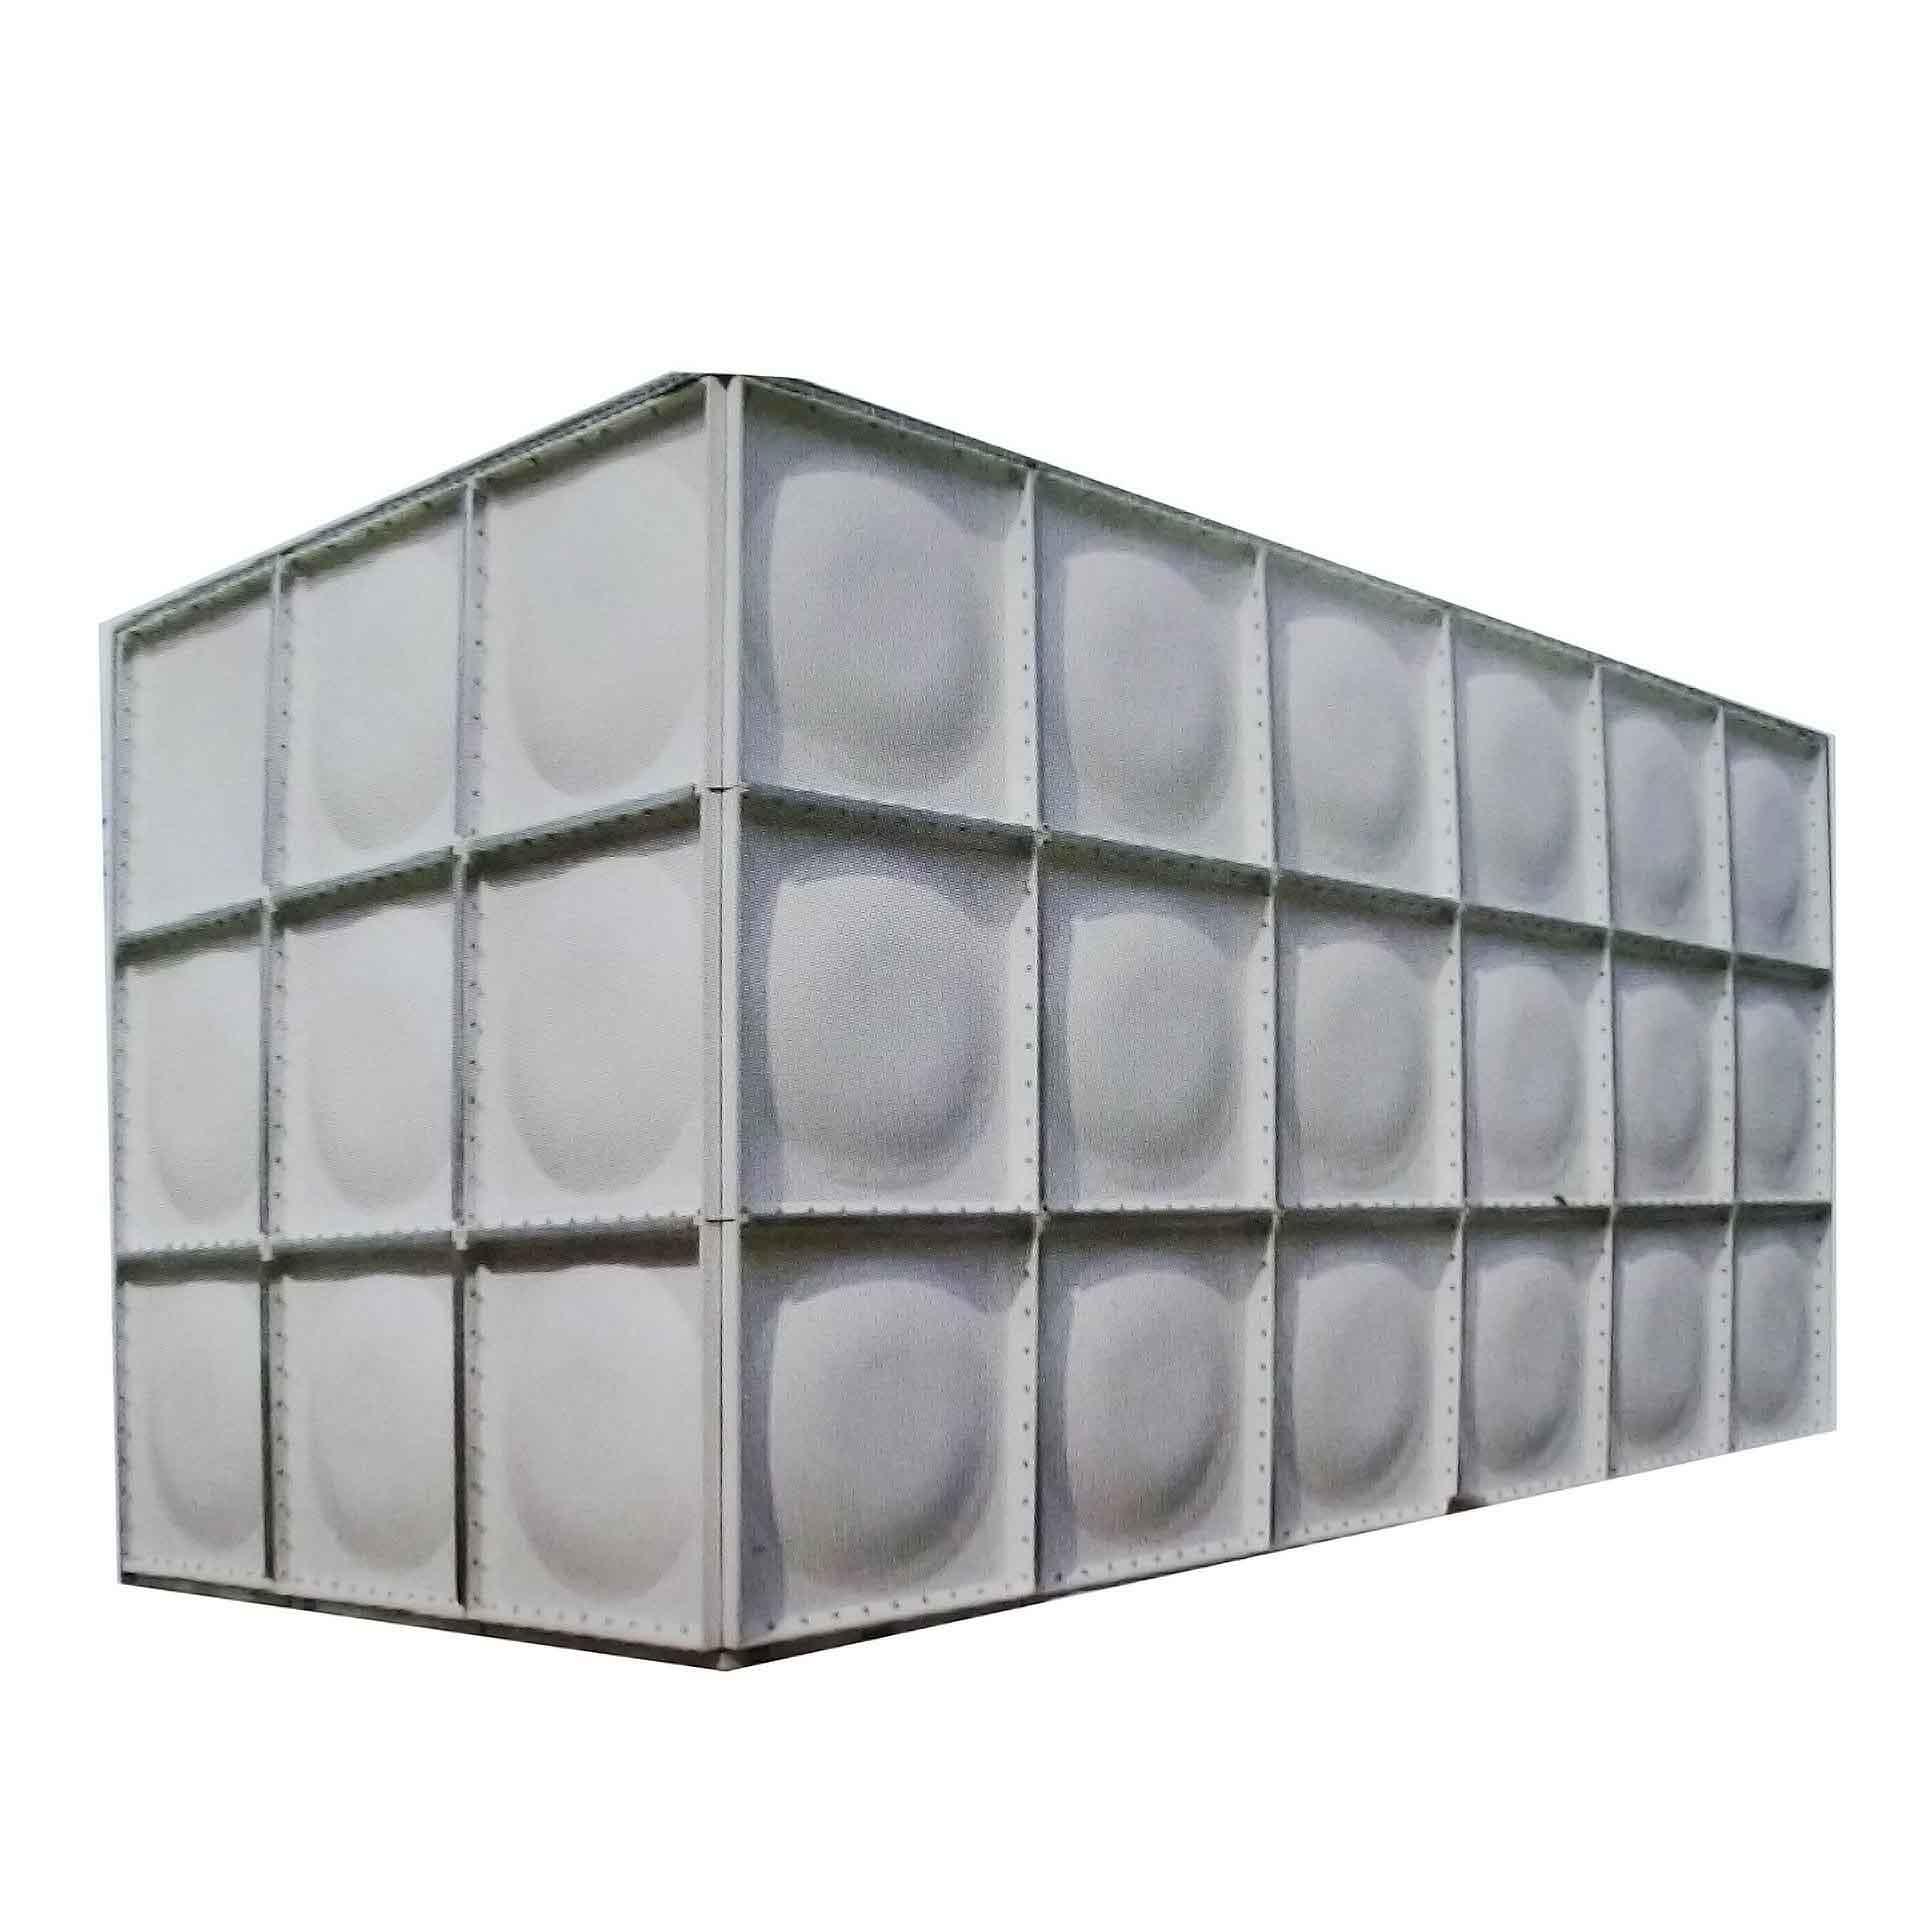 三门峡玻璃钢水箱-许昌玻璃钢水箱-郑州玻璃钢水箱